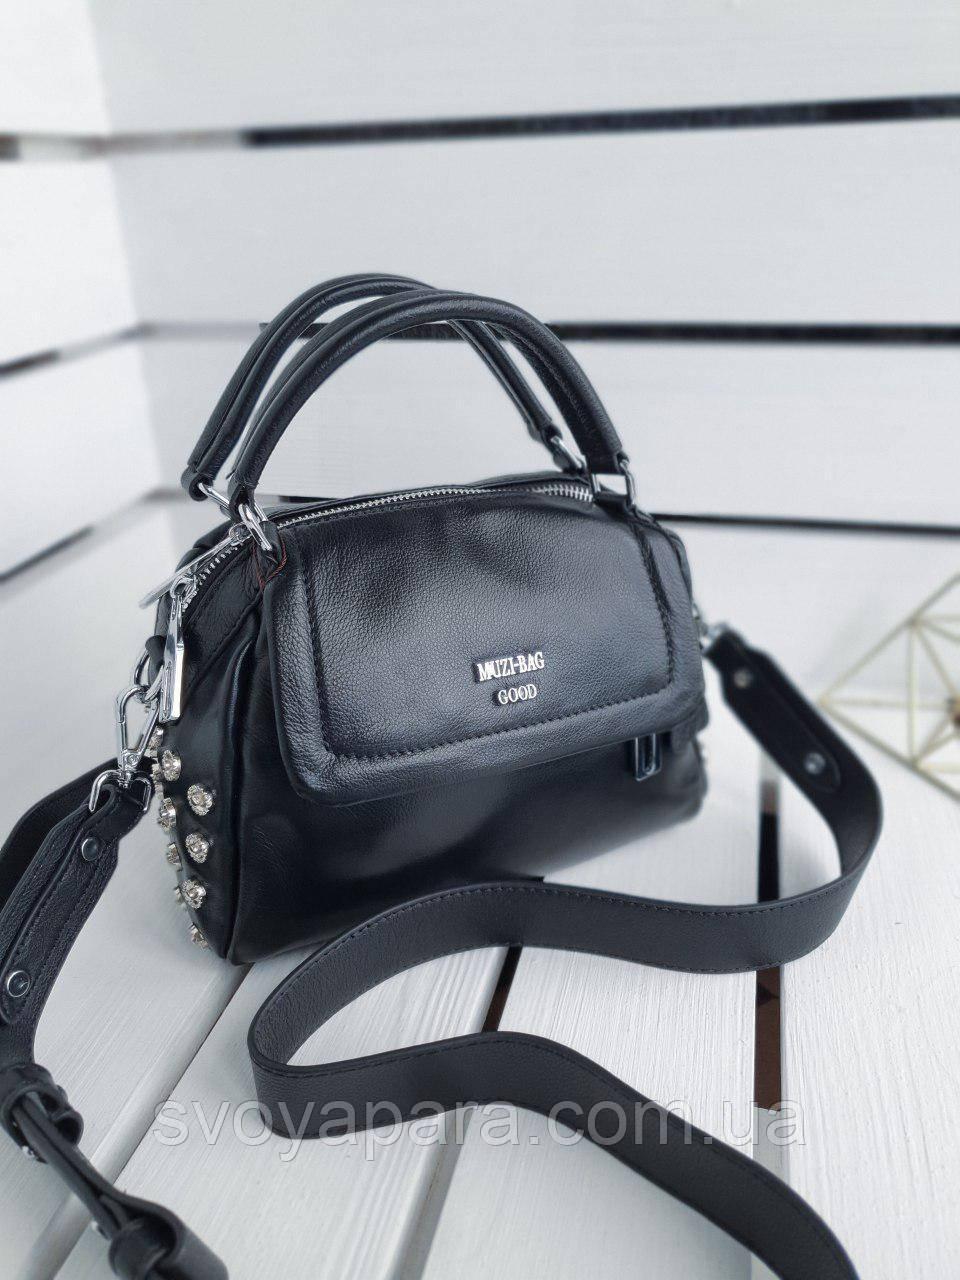 Кожаная женская сумка размером 23х18х12 см Черная (01238)